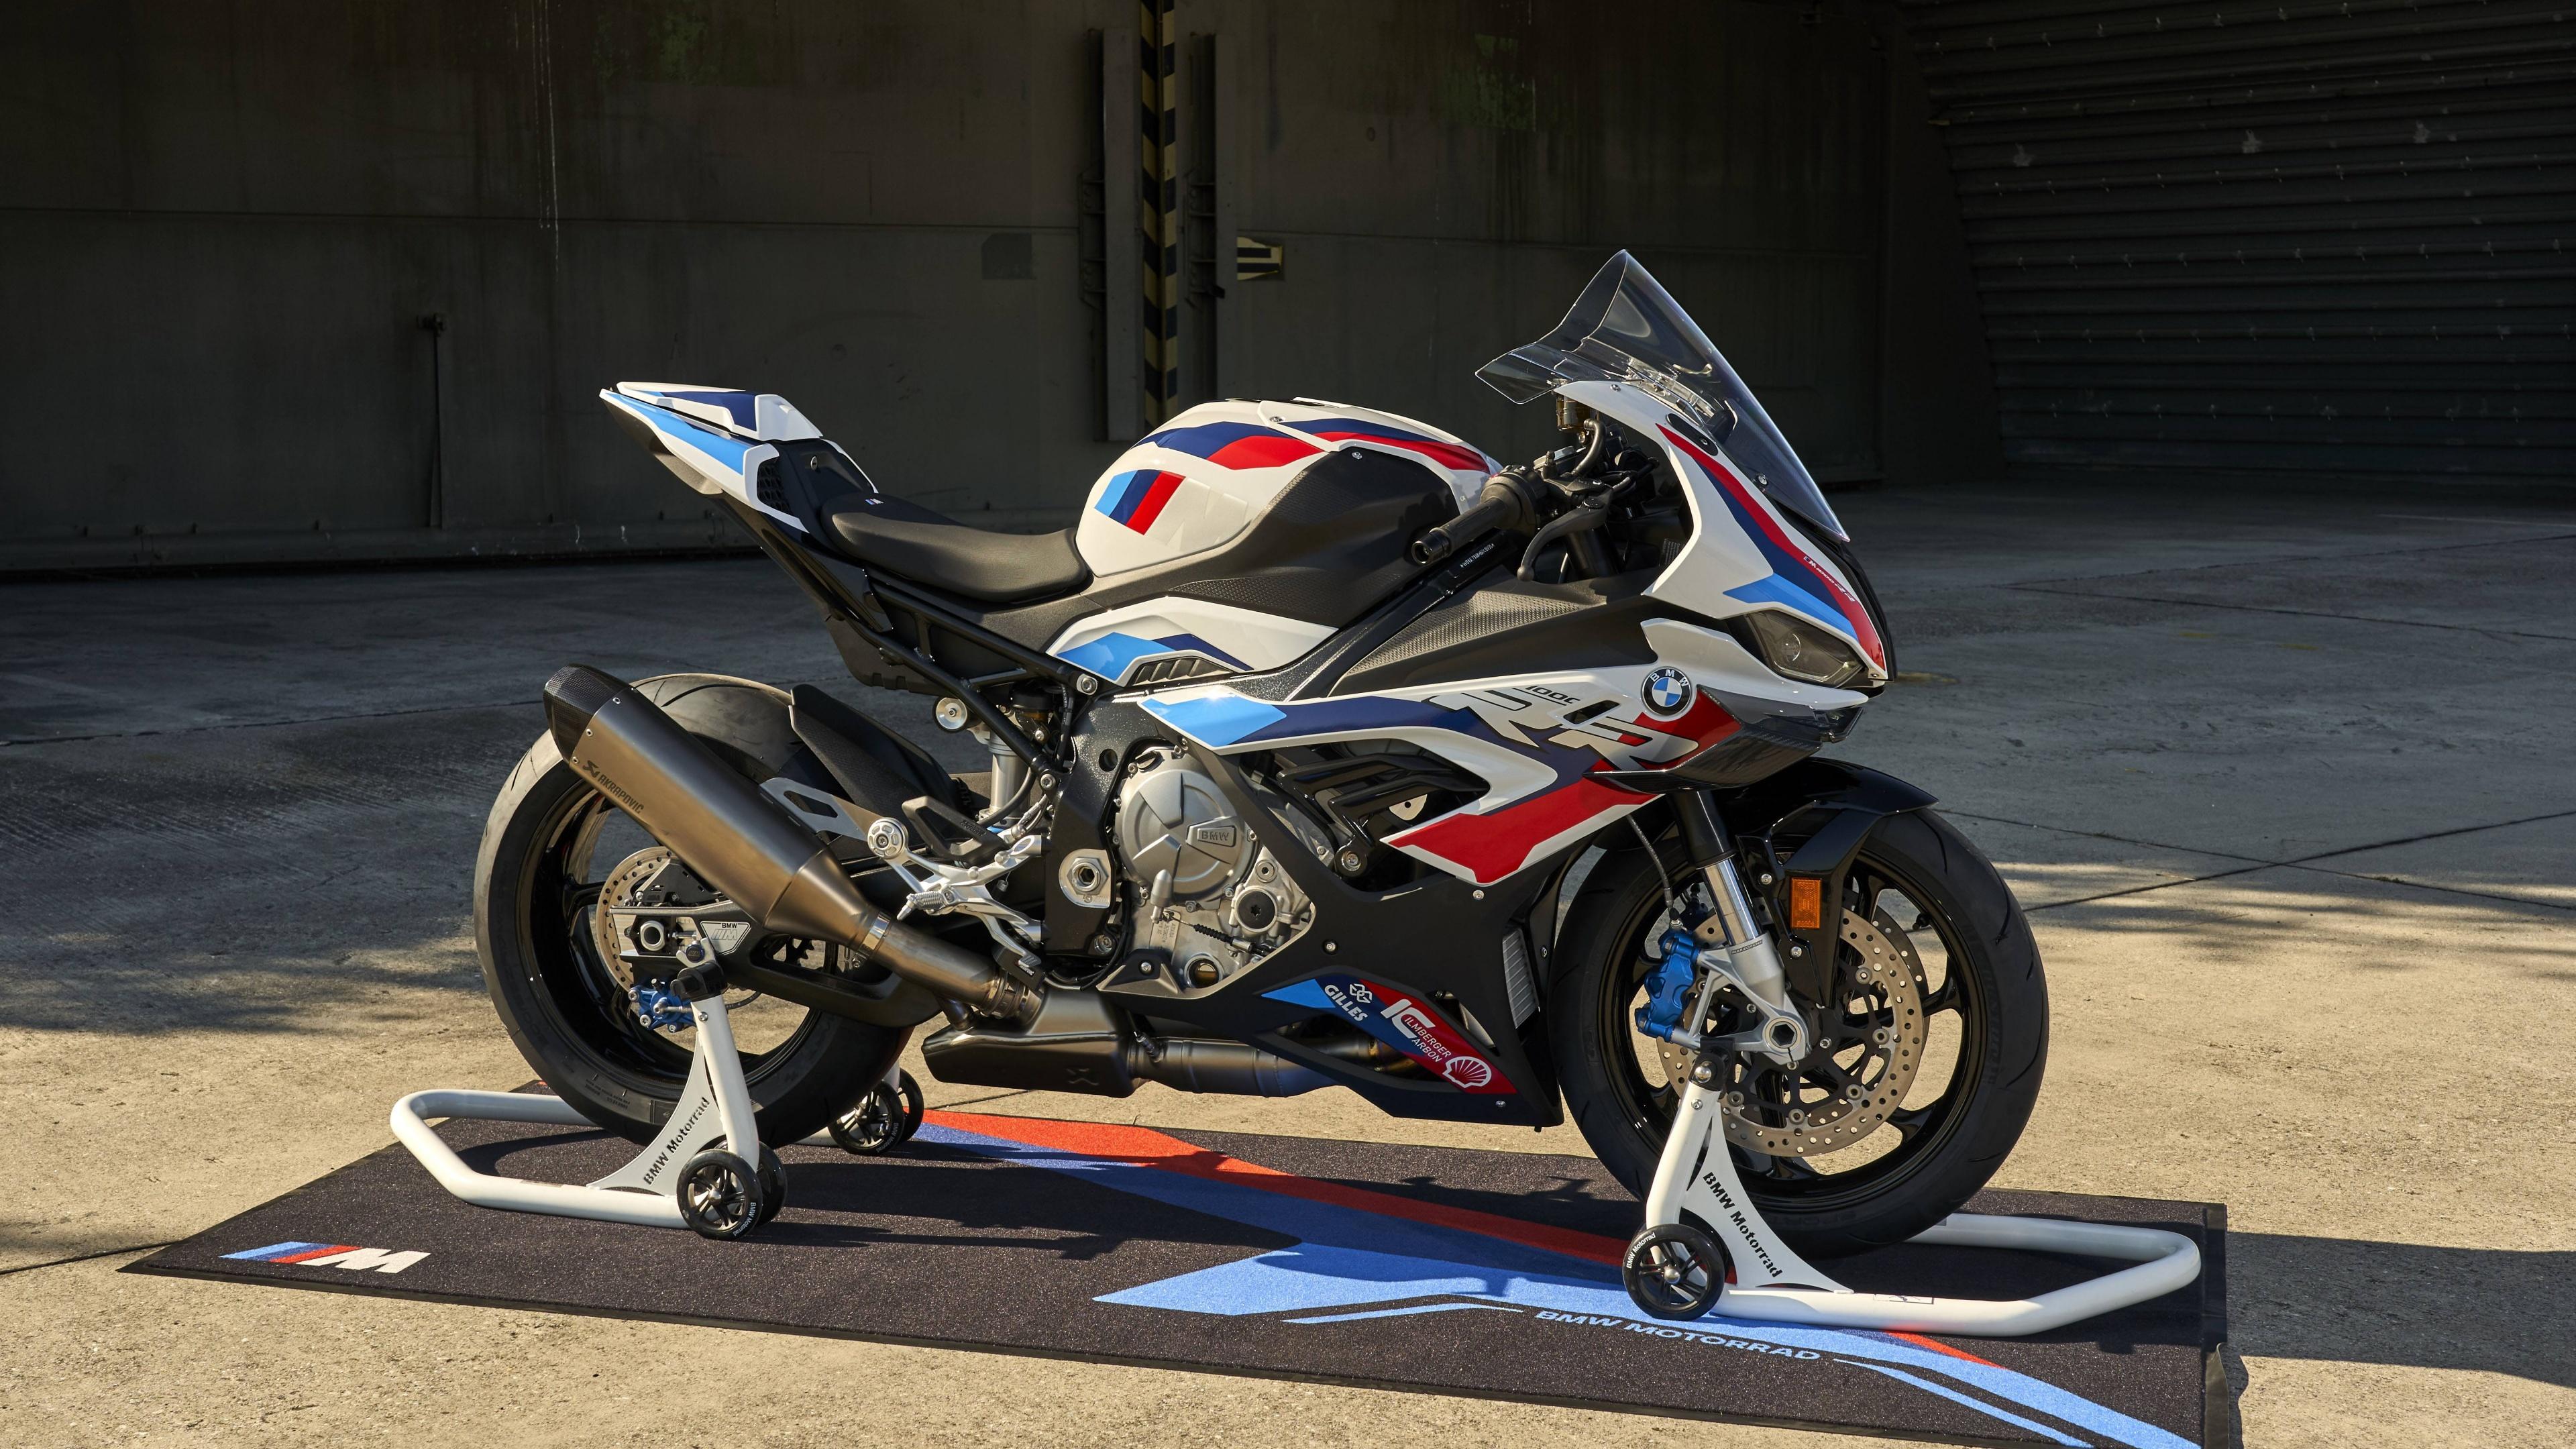 BMW M 1000 RR 4K Wallpaper, Race bikes, 2021, 5K, Bikes, #2755